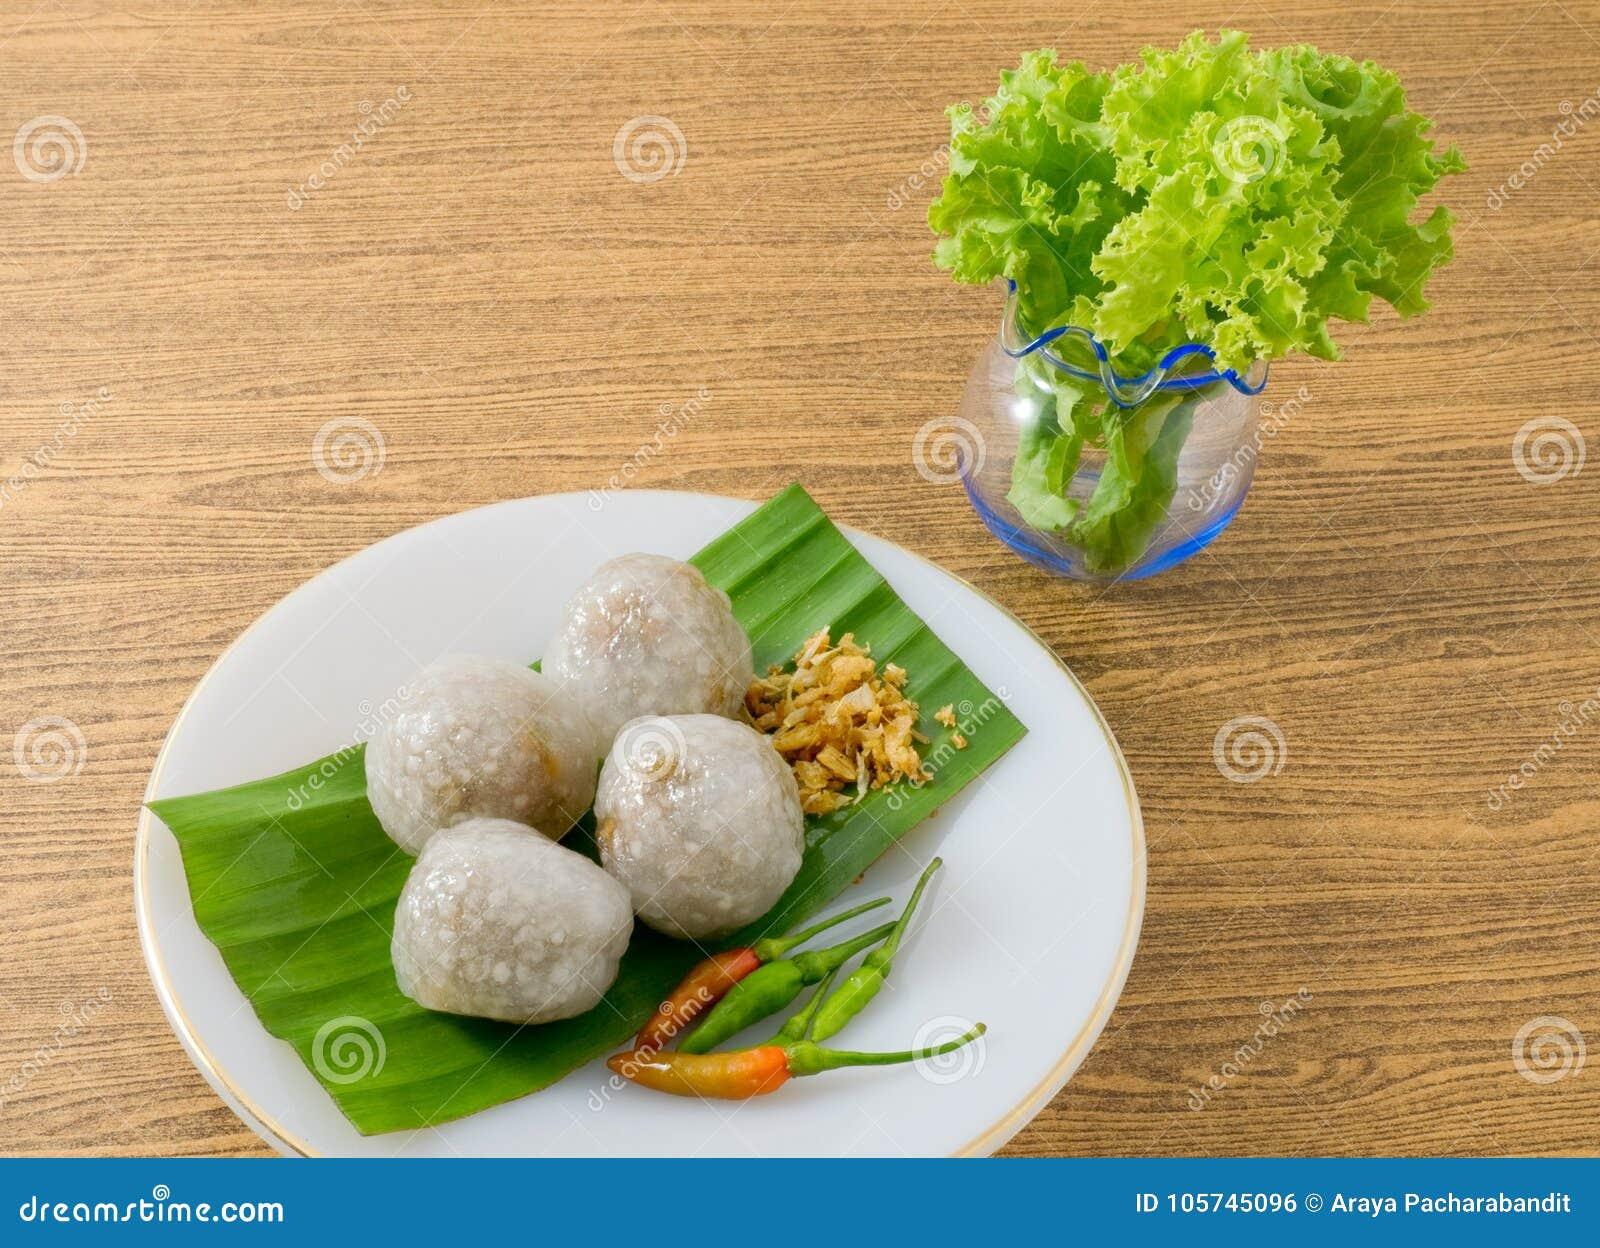 Boules thaïlandaises de tapioca servies avec des feuilles de laitue